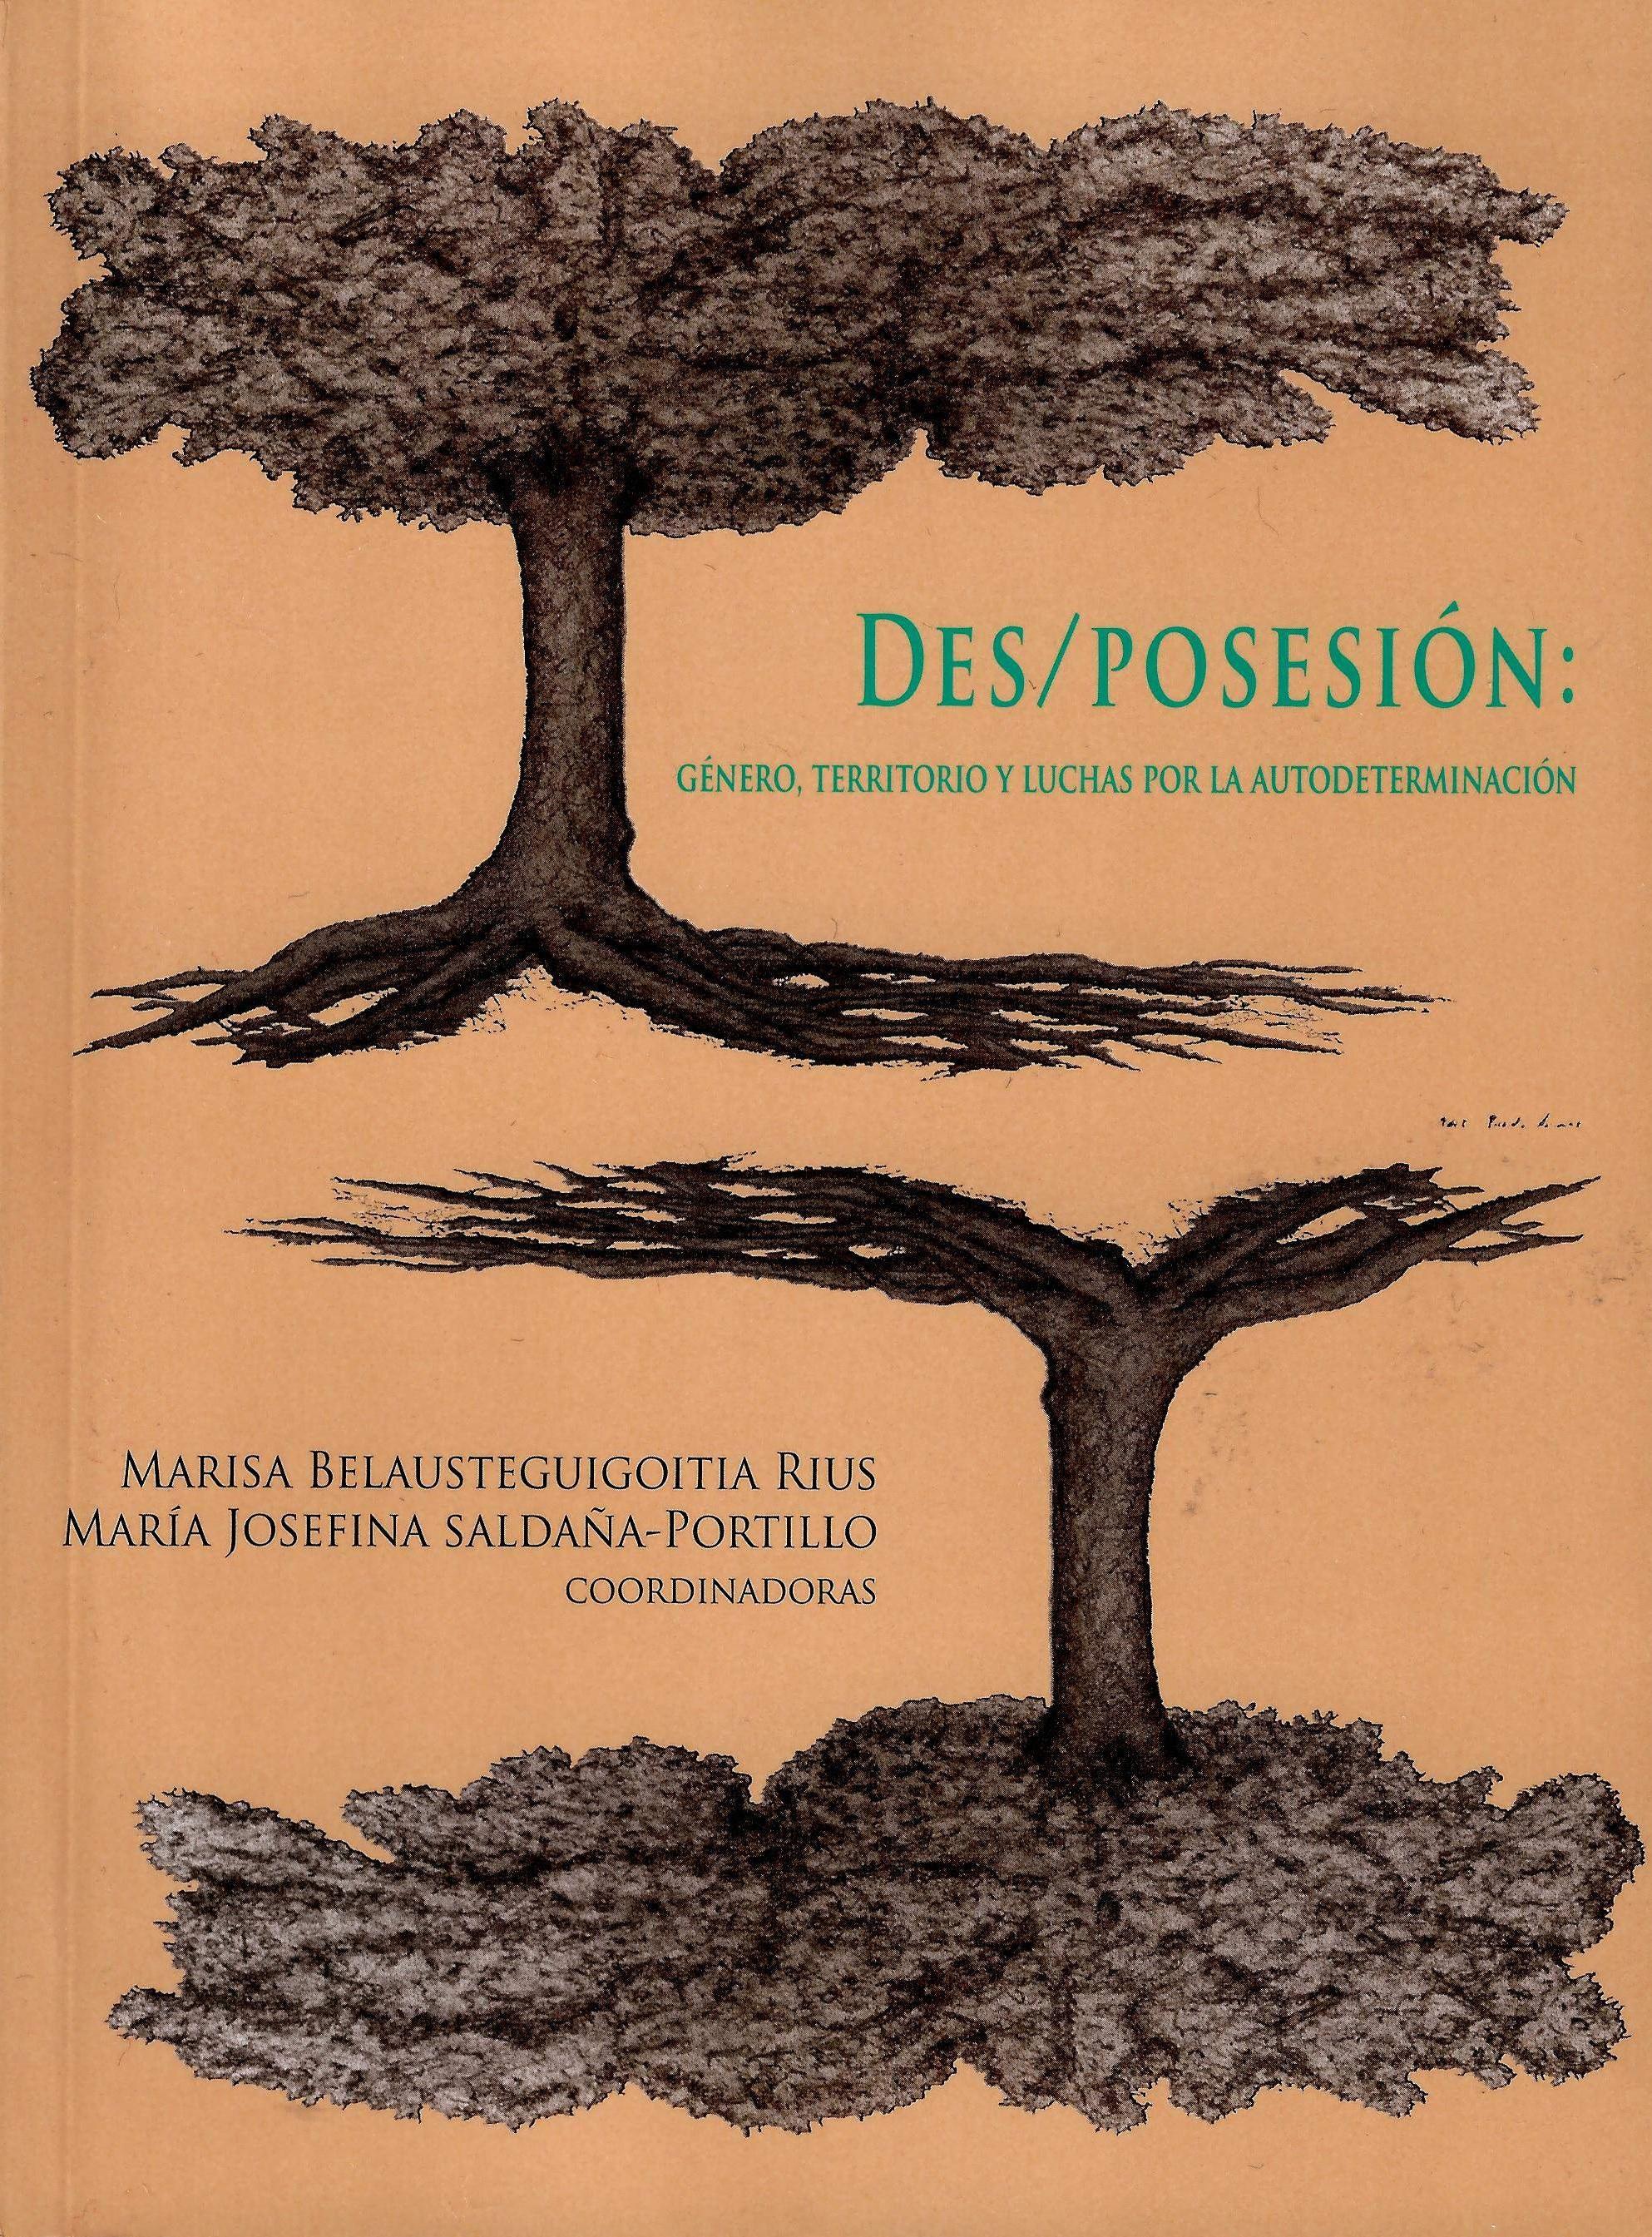 Des/posesión: género, territorio y luchas por la autodeterminación